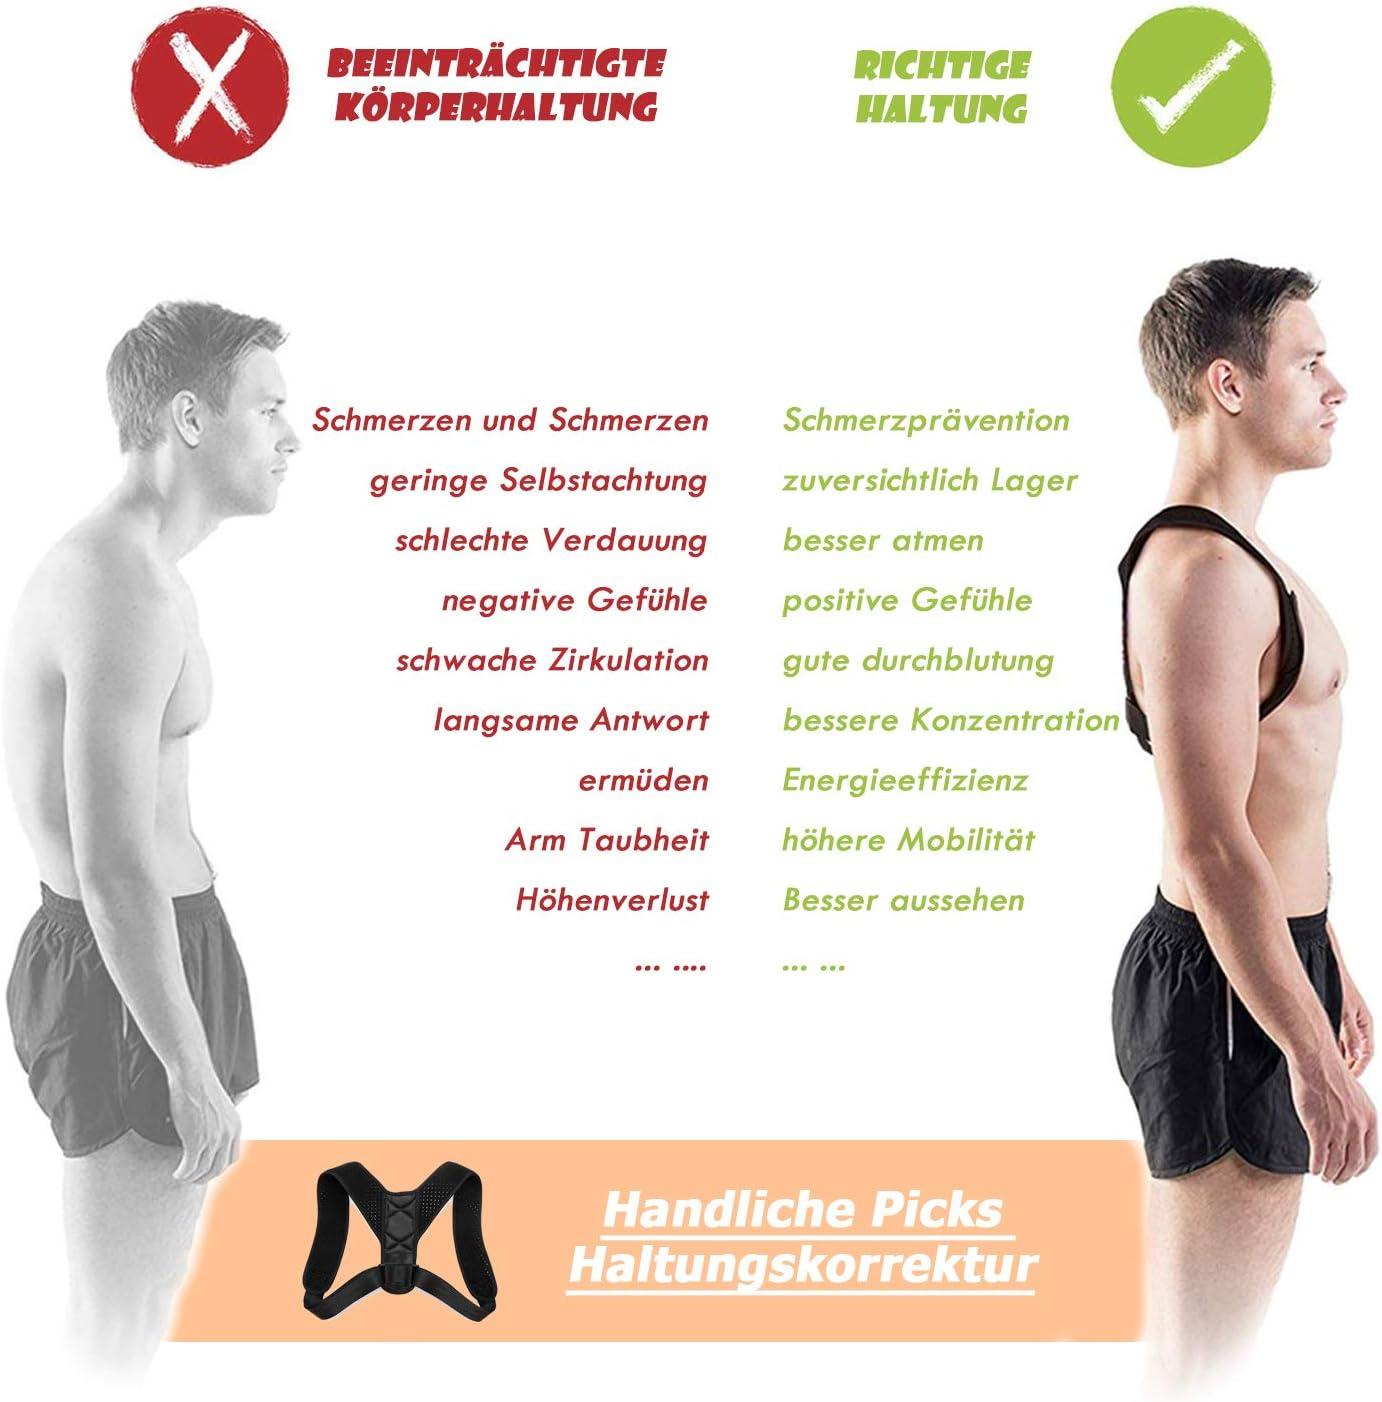 QUNPON Haltungskorrektur f/ür M/änner und Frauen verstellbare obere R/ückenst/ütze zur Unterst/ützung des Schl/üsselbeins und zur Schmerzlinderung von Nacken R/ücken und Schulter